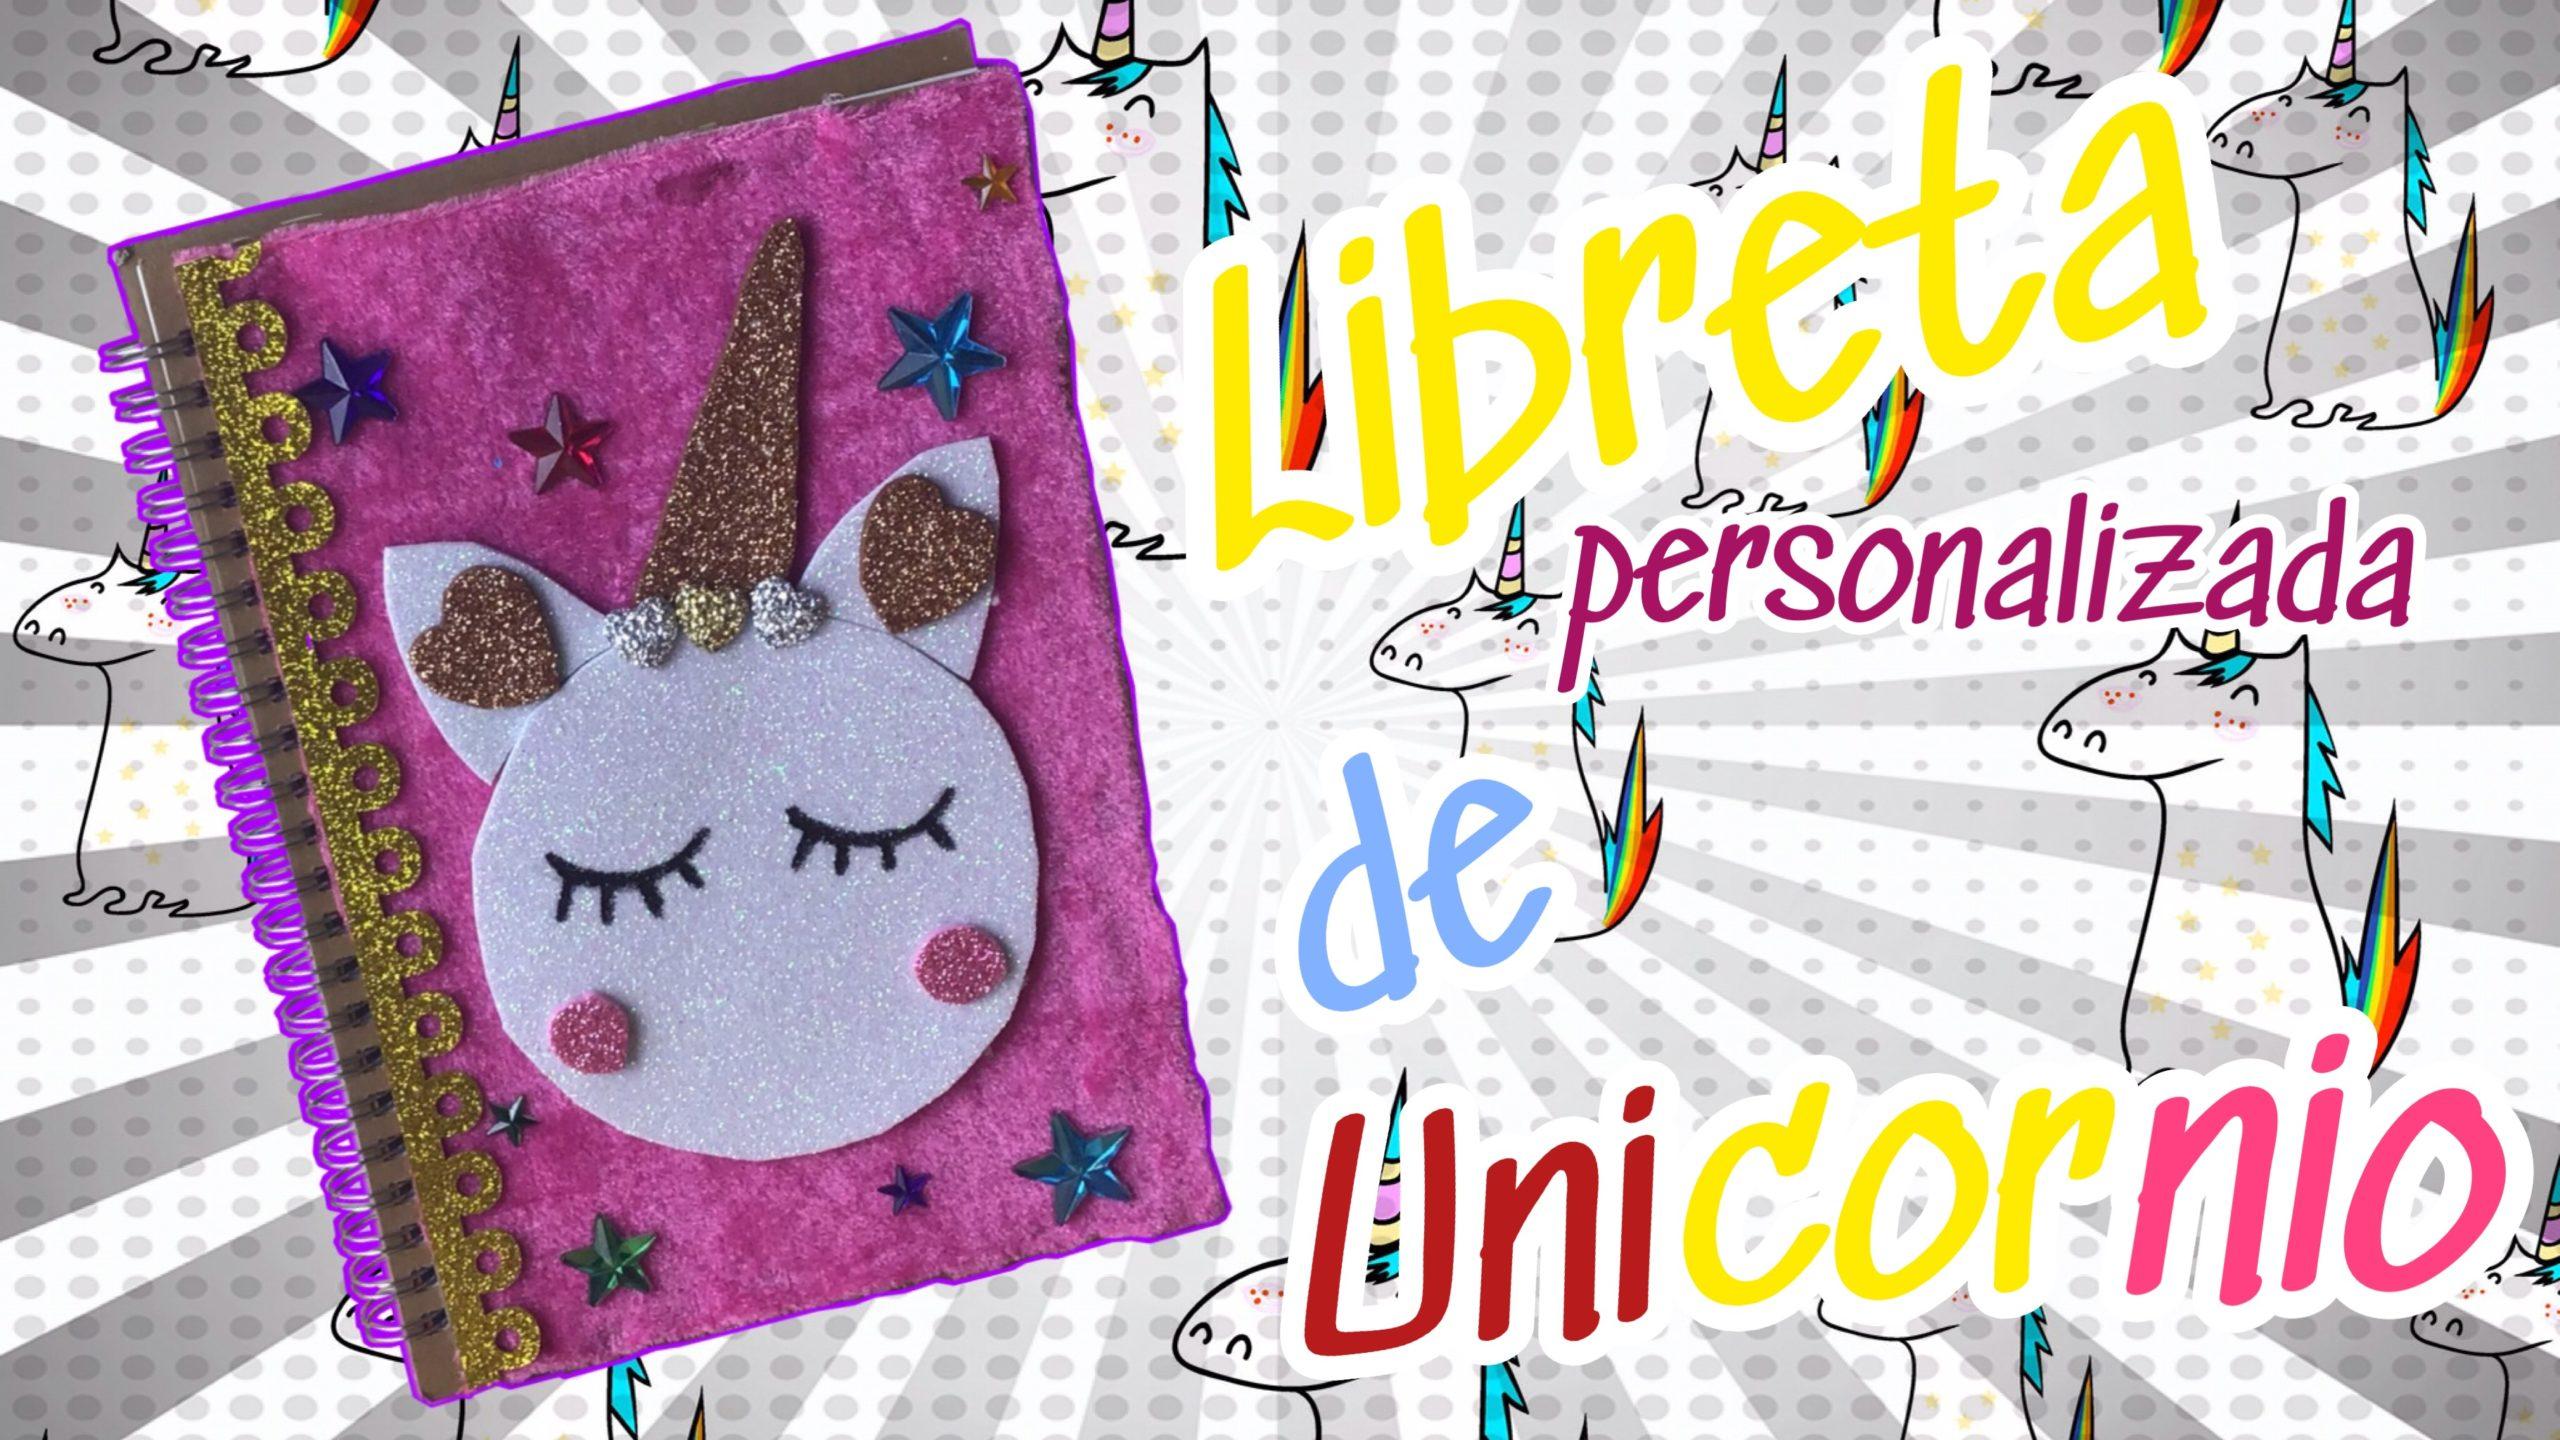 libreta de unicornio